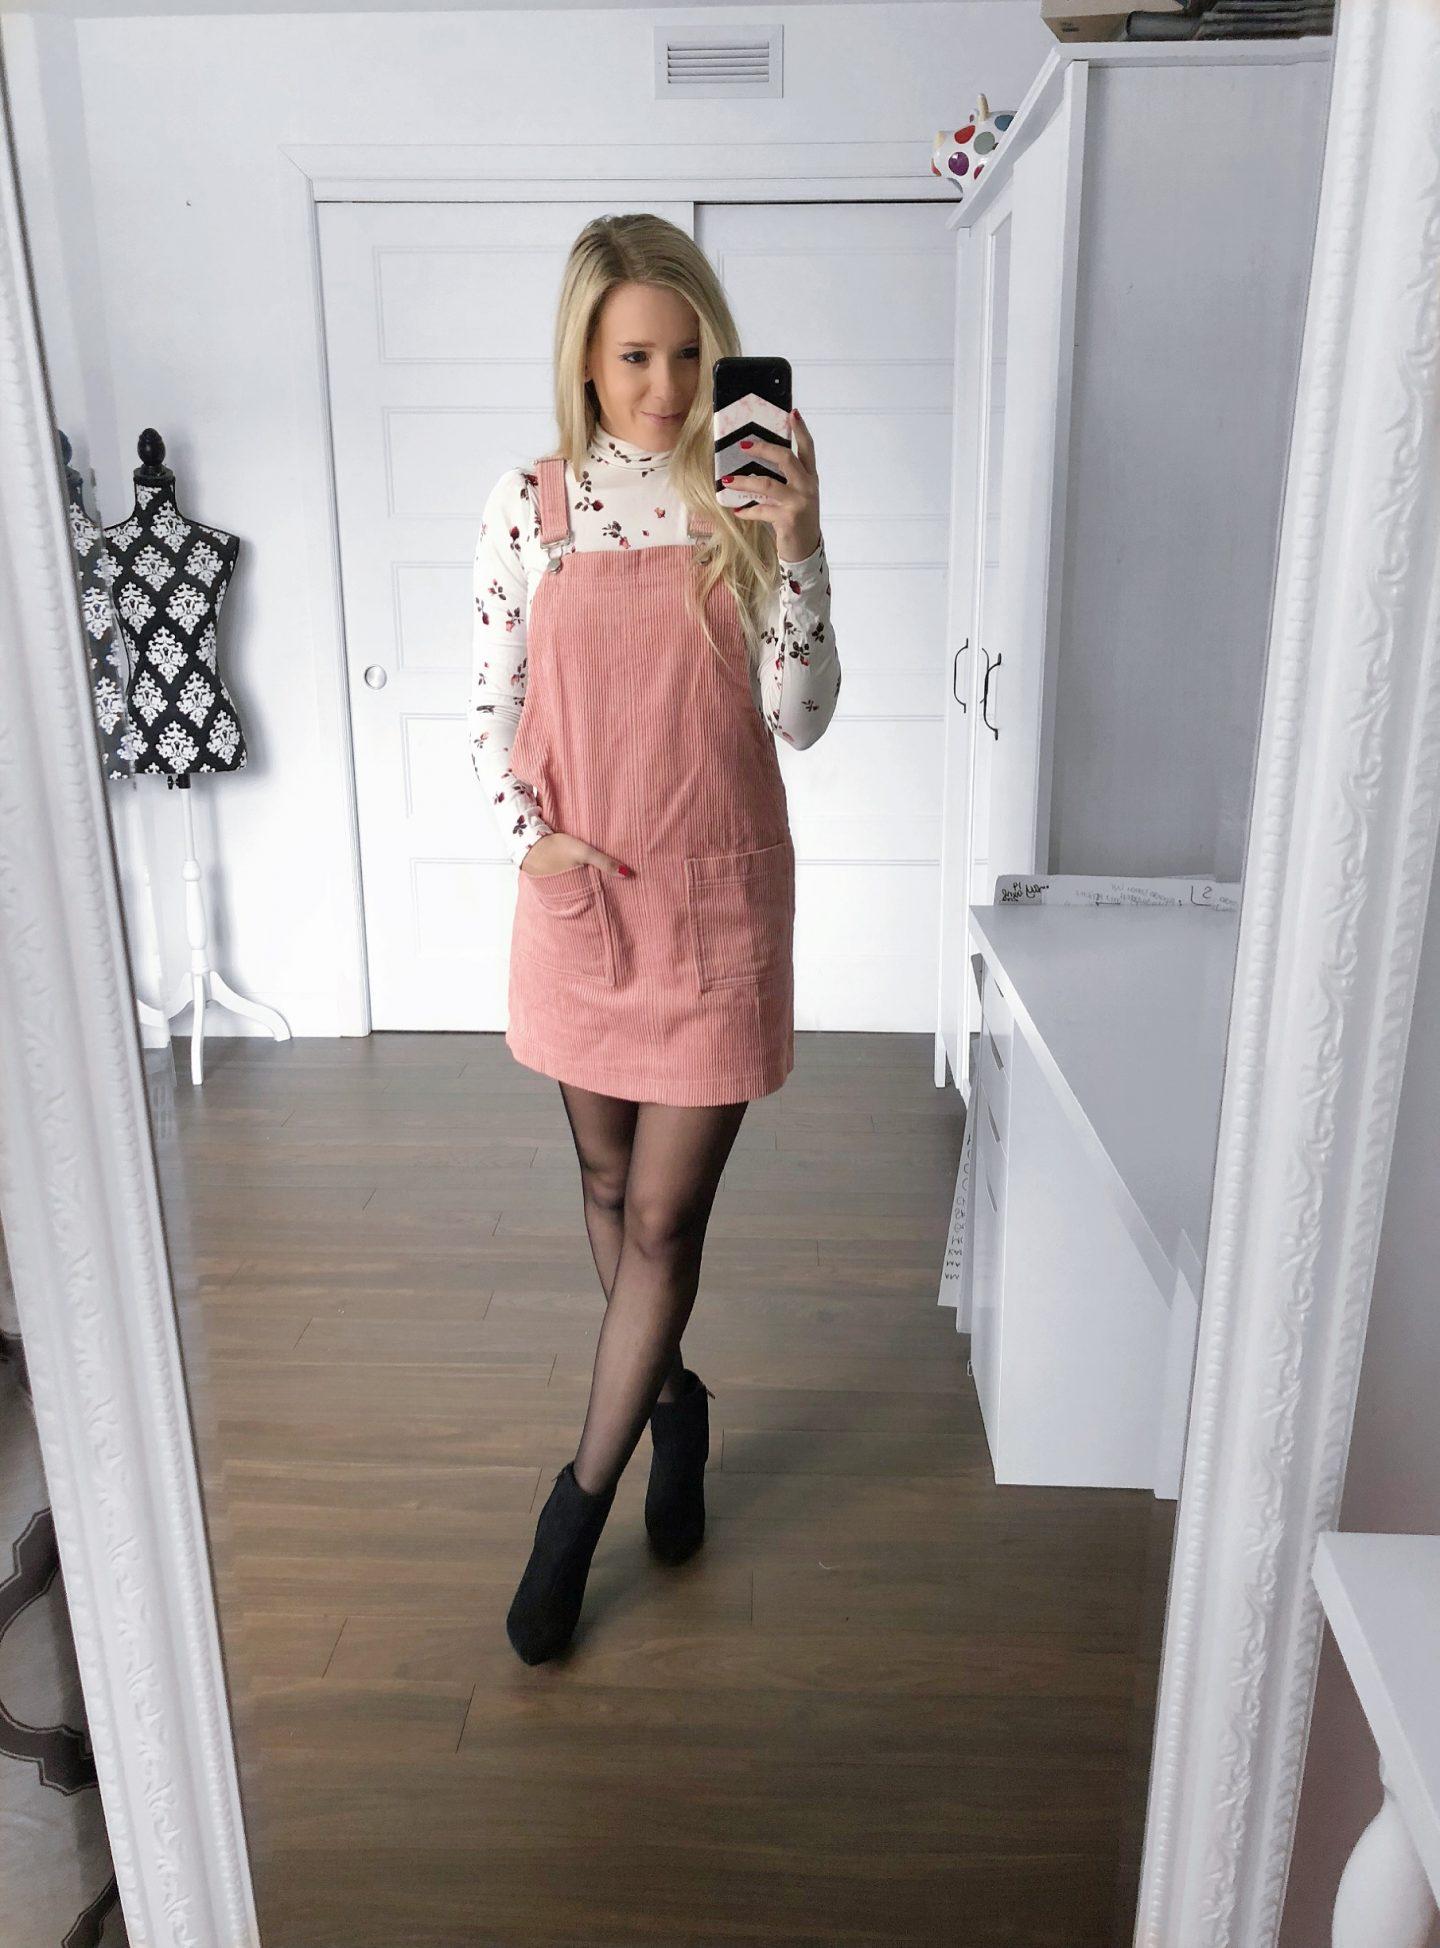 e77e776aca8 Comment porter la robe-salopette  - Les trouvailles de Sarah